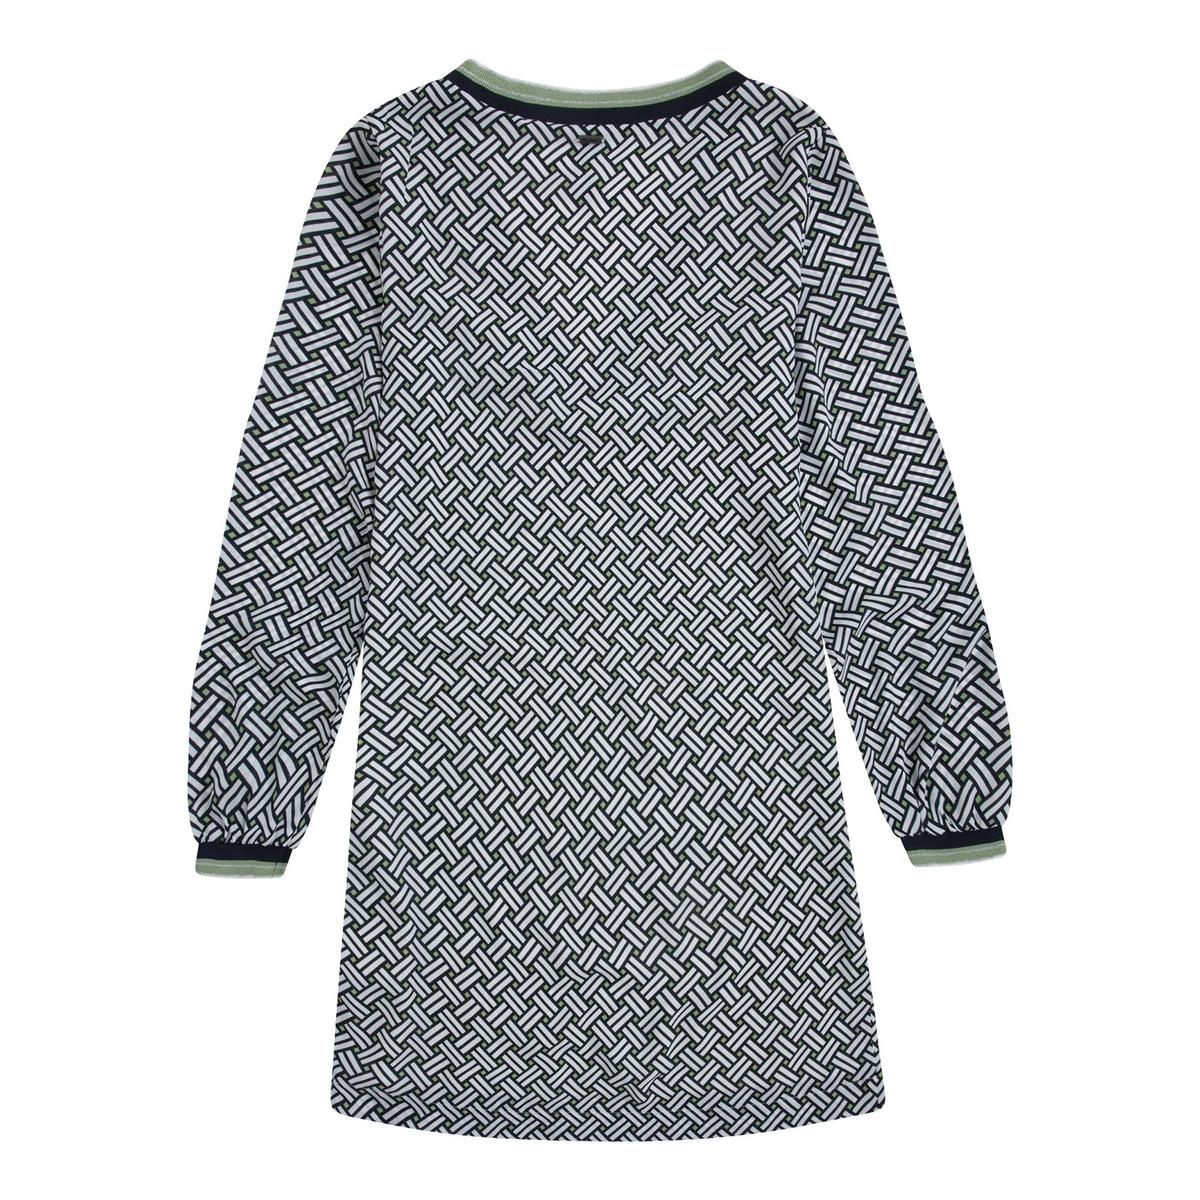 Imagen secundaria de producto de Vestido con cuello de pico estampado gráfico, con - Pepe Jeans